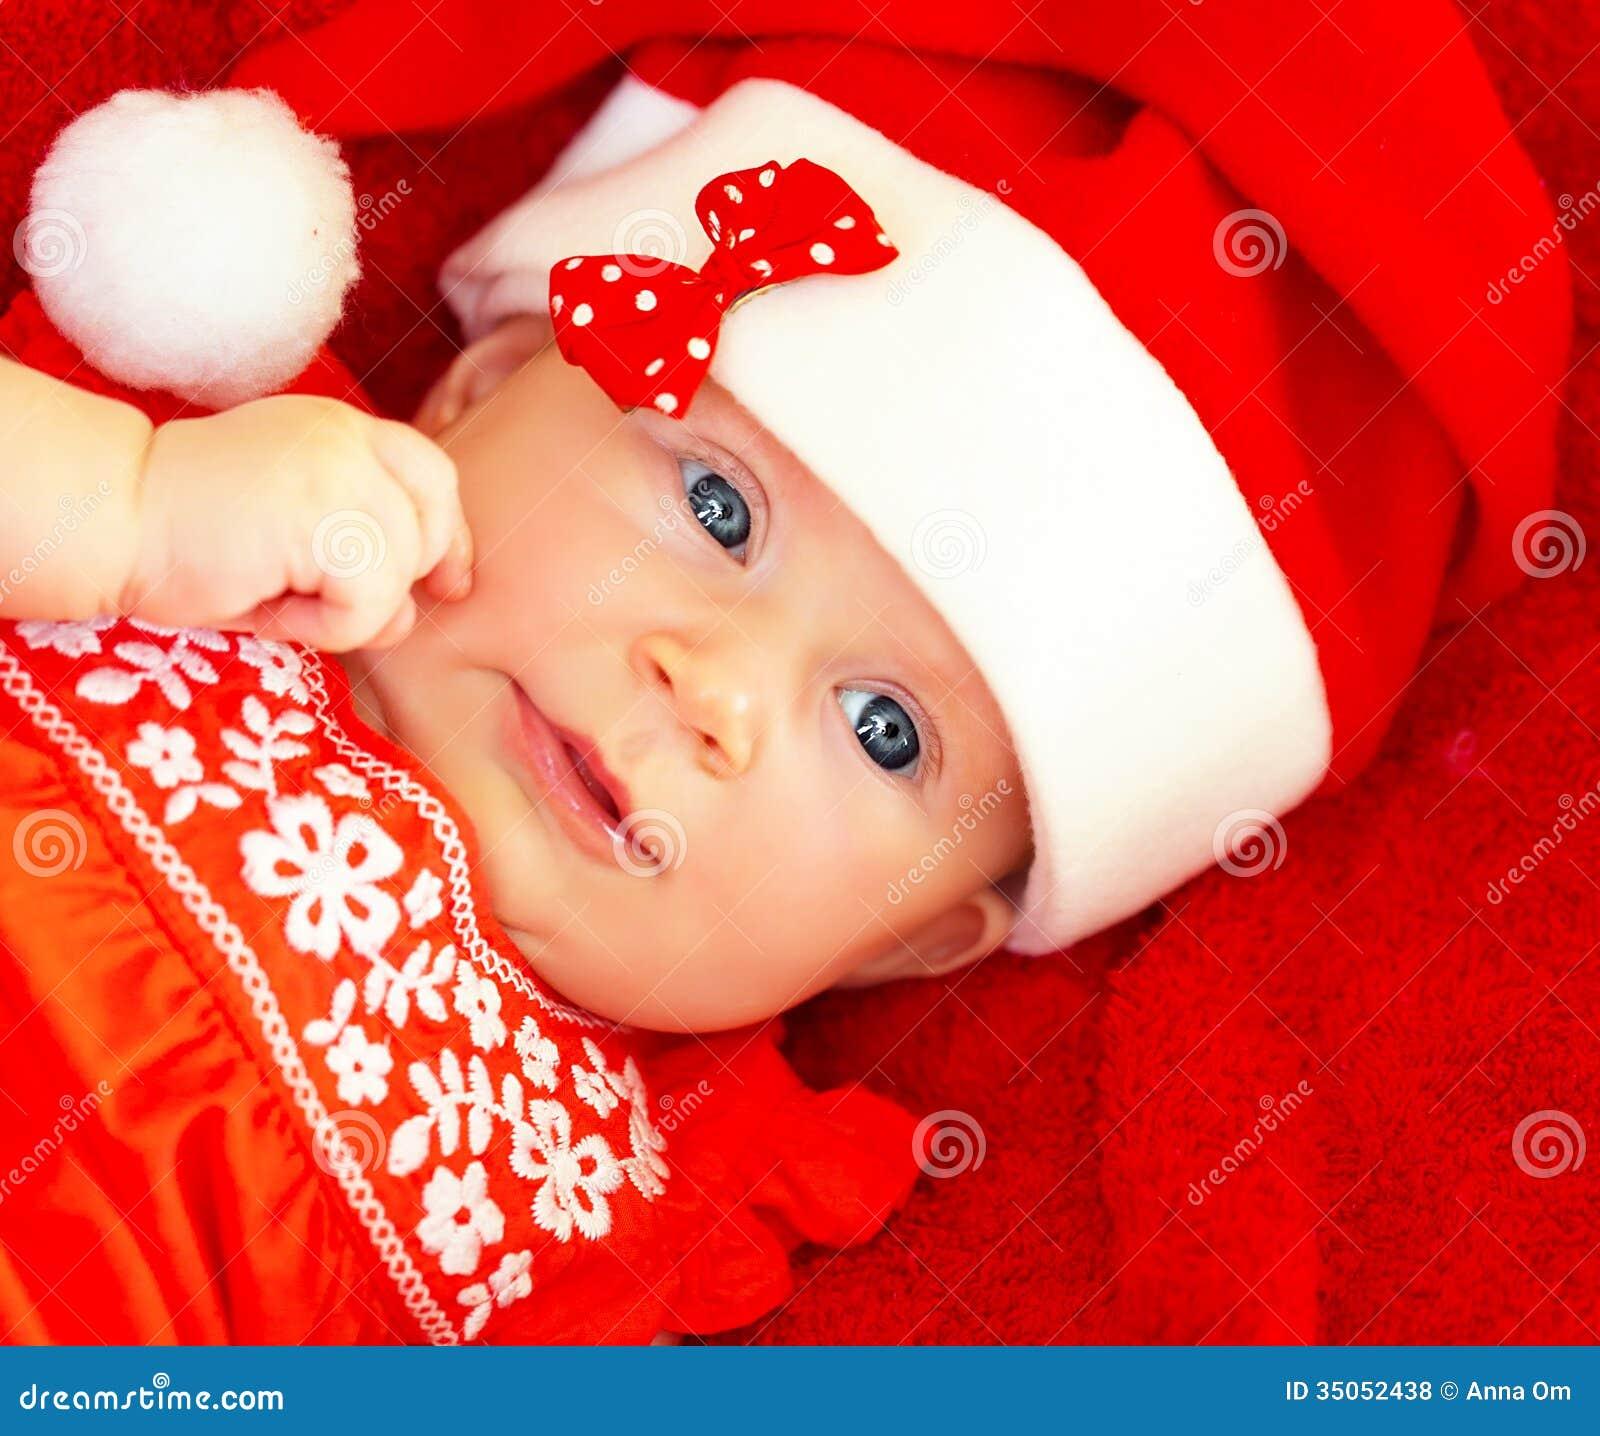 neugeborenes baby tragendes weihnachtskost m lizenzfreie stockfotos bild 35052438. Black Bedroom Furniture Sets. Home Design Ideas